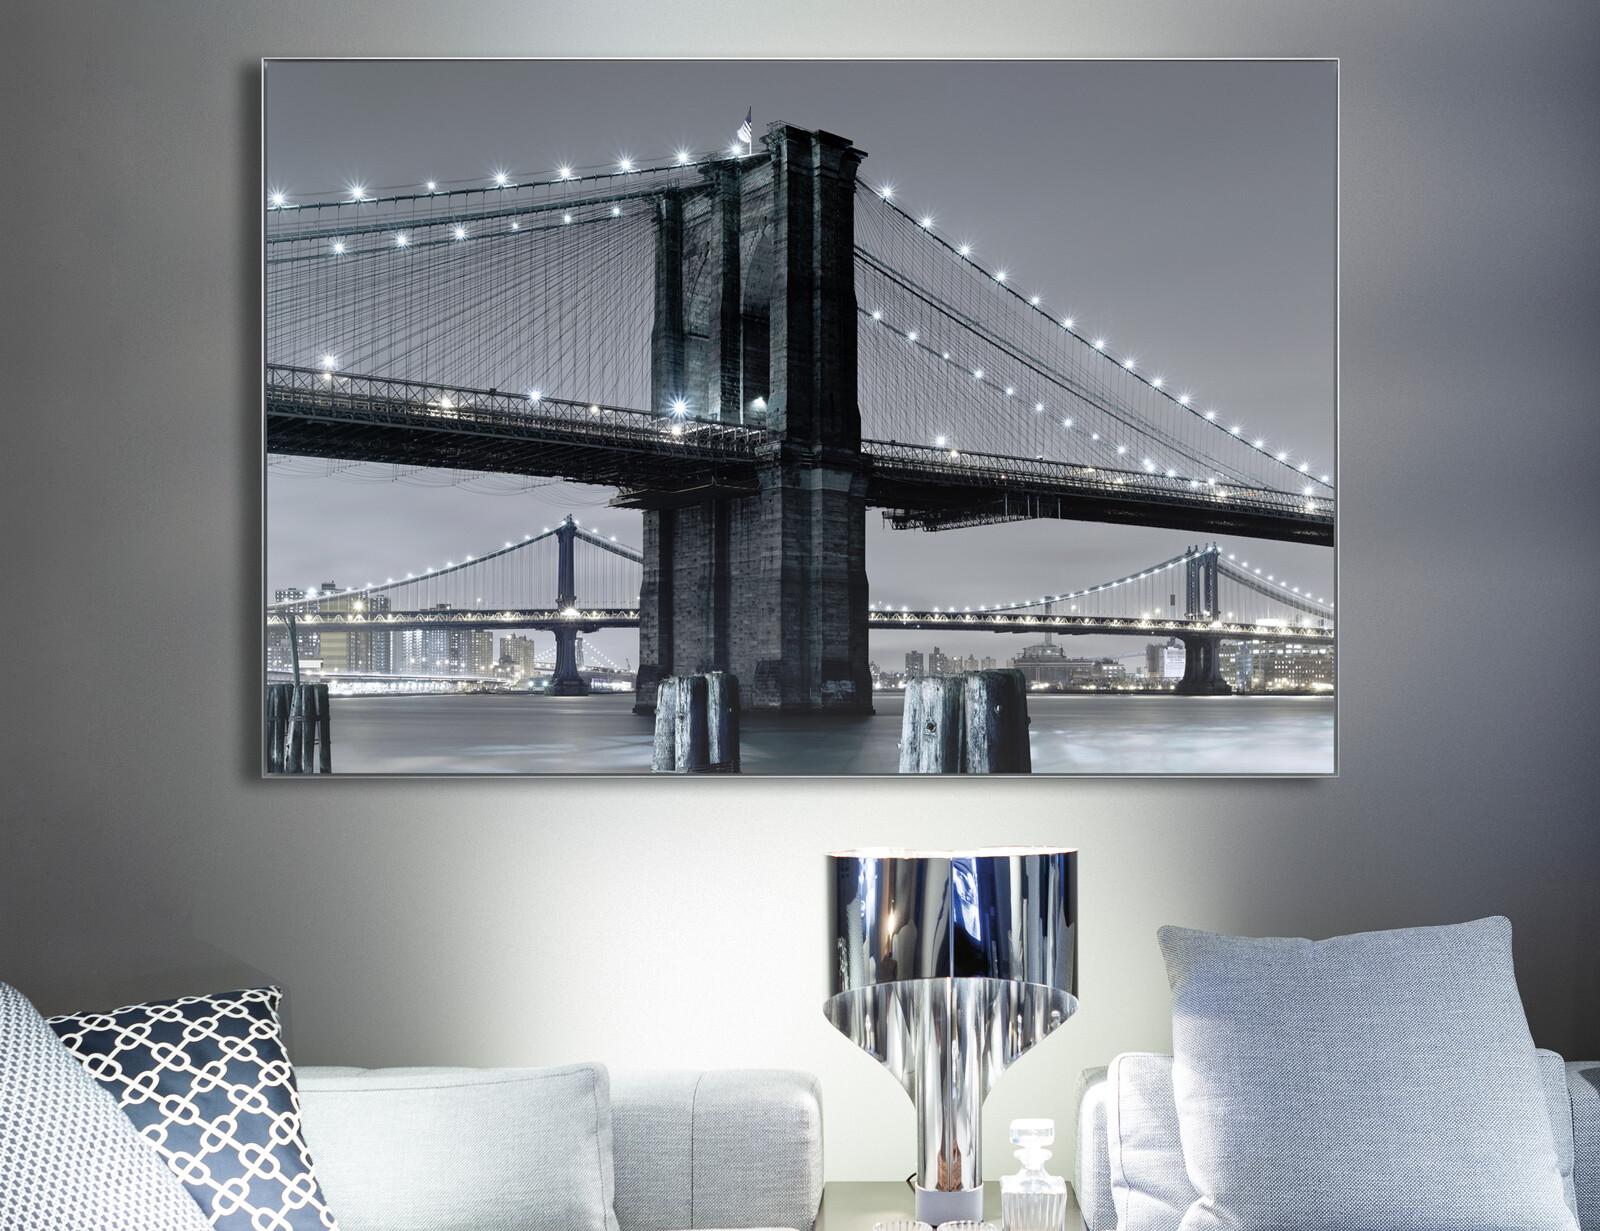 Brooklyn Bridge II - Horst & Daniel  Zielske